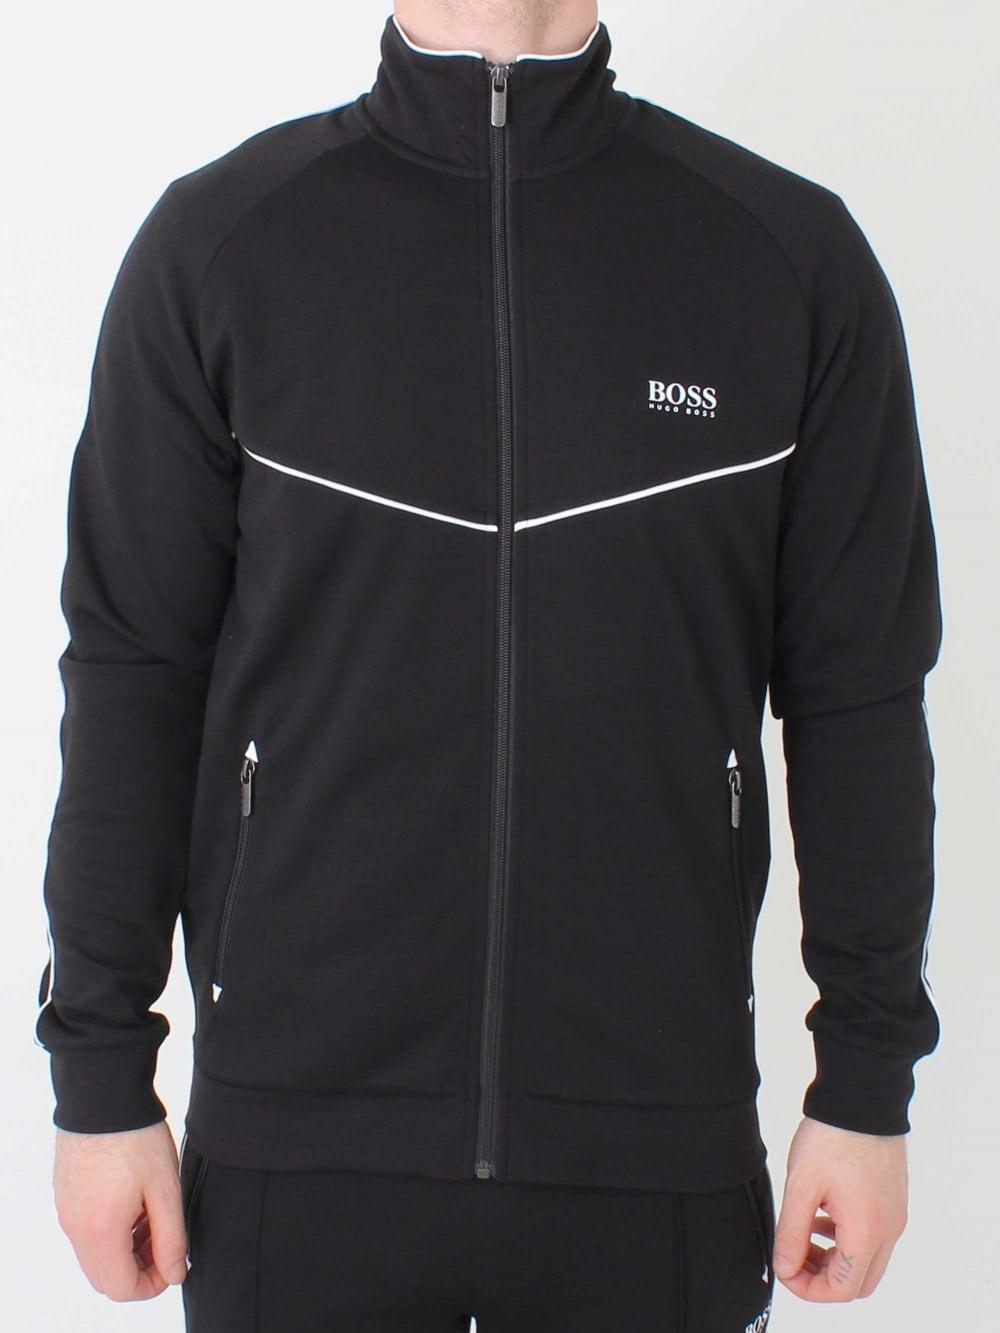 f9046af57 Hugo Boss Tracksuit Jacket in Black | Northern Threads